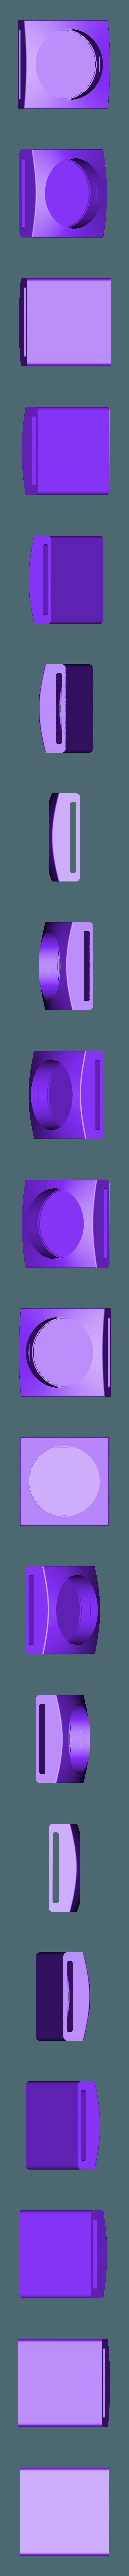 20mm_Compass_Webbing_v1-2.STL Télécharger fichier STL gratuit Sangle Compass • Modèle pour impression 3D, WalterHsiao